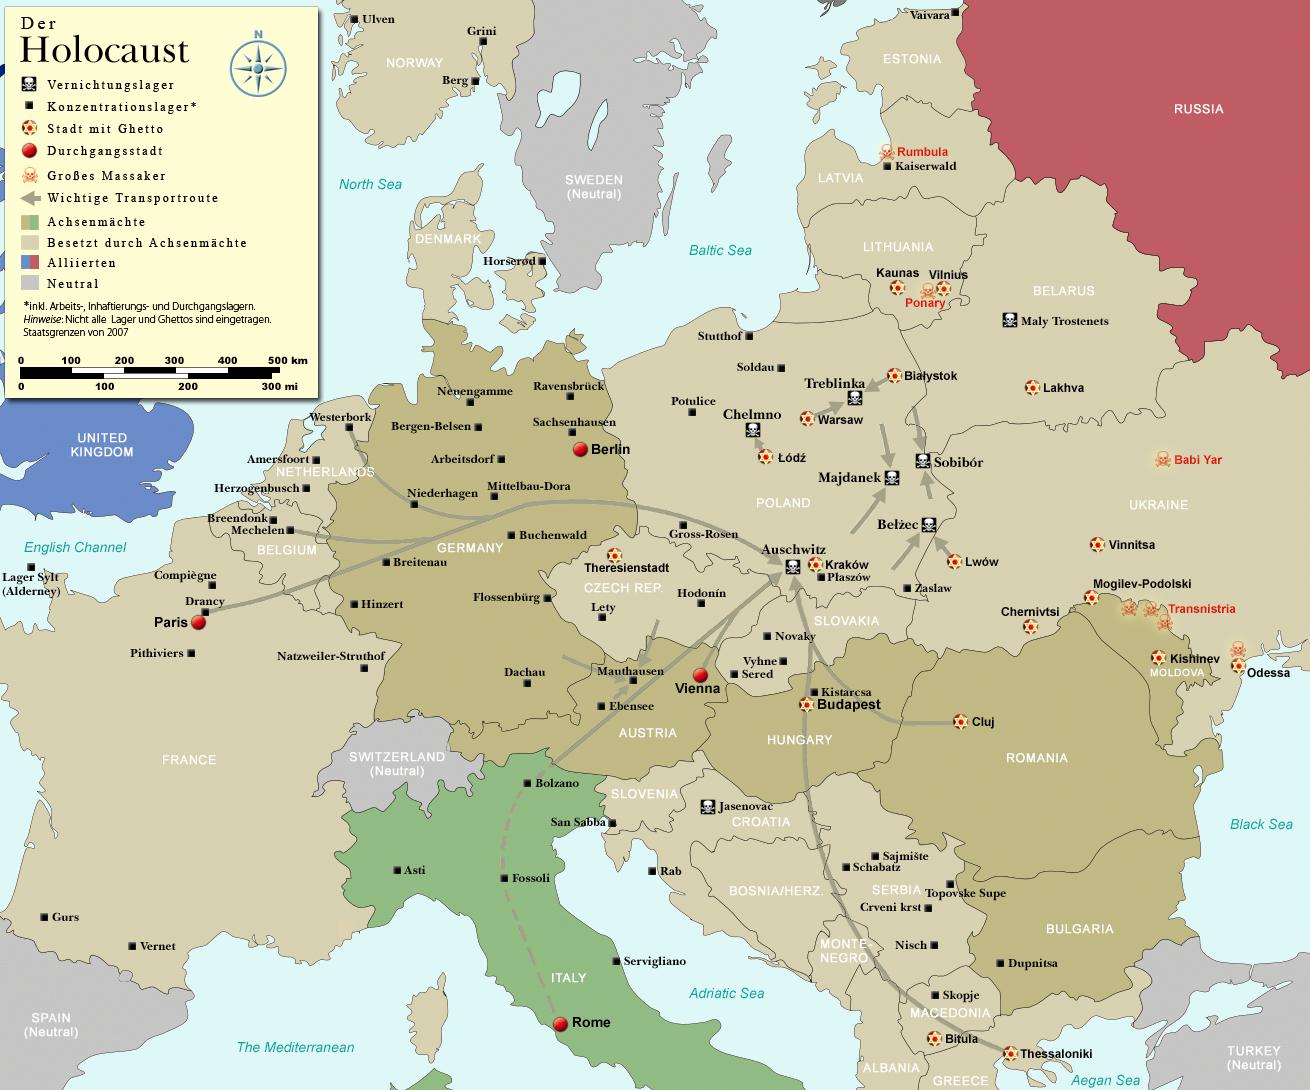 """У Раді відбудеться нарада у зв'язку з польським законом про покарання за """"злочини українських націоналістів"""", - Юринець - Цензор.НЕТ 6171"""